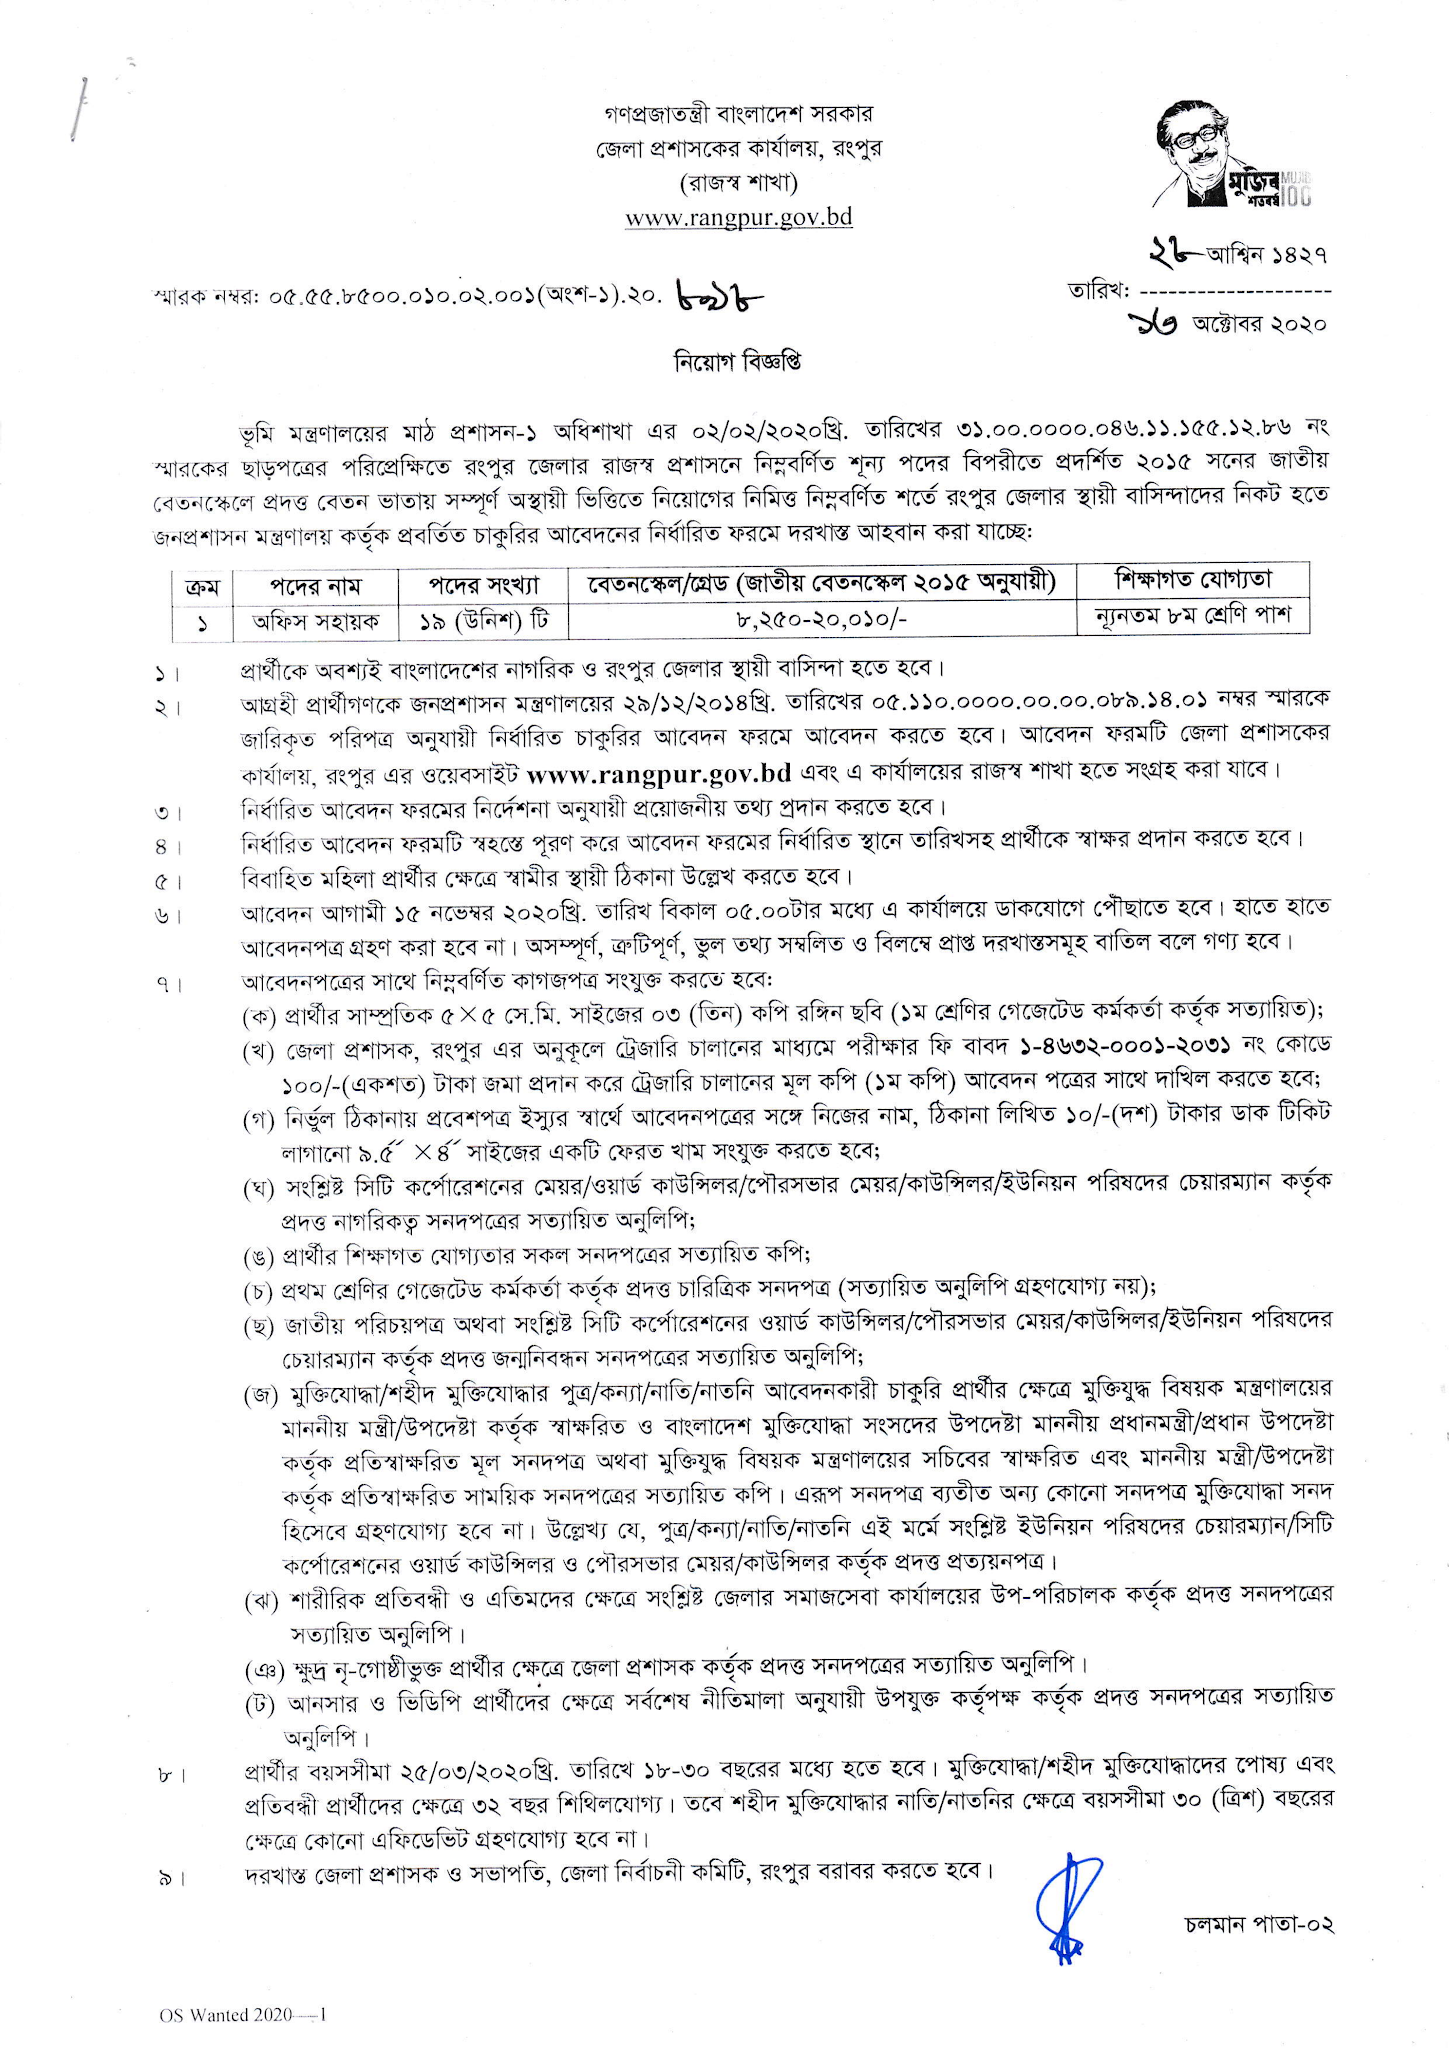 রংপুর জেলা প্রশাসকের কার্যালয়ে নিয়োগ বিজ্ঞপ্তি ২০২০